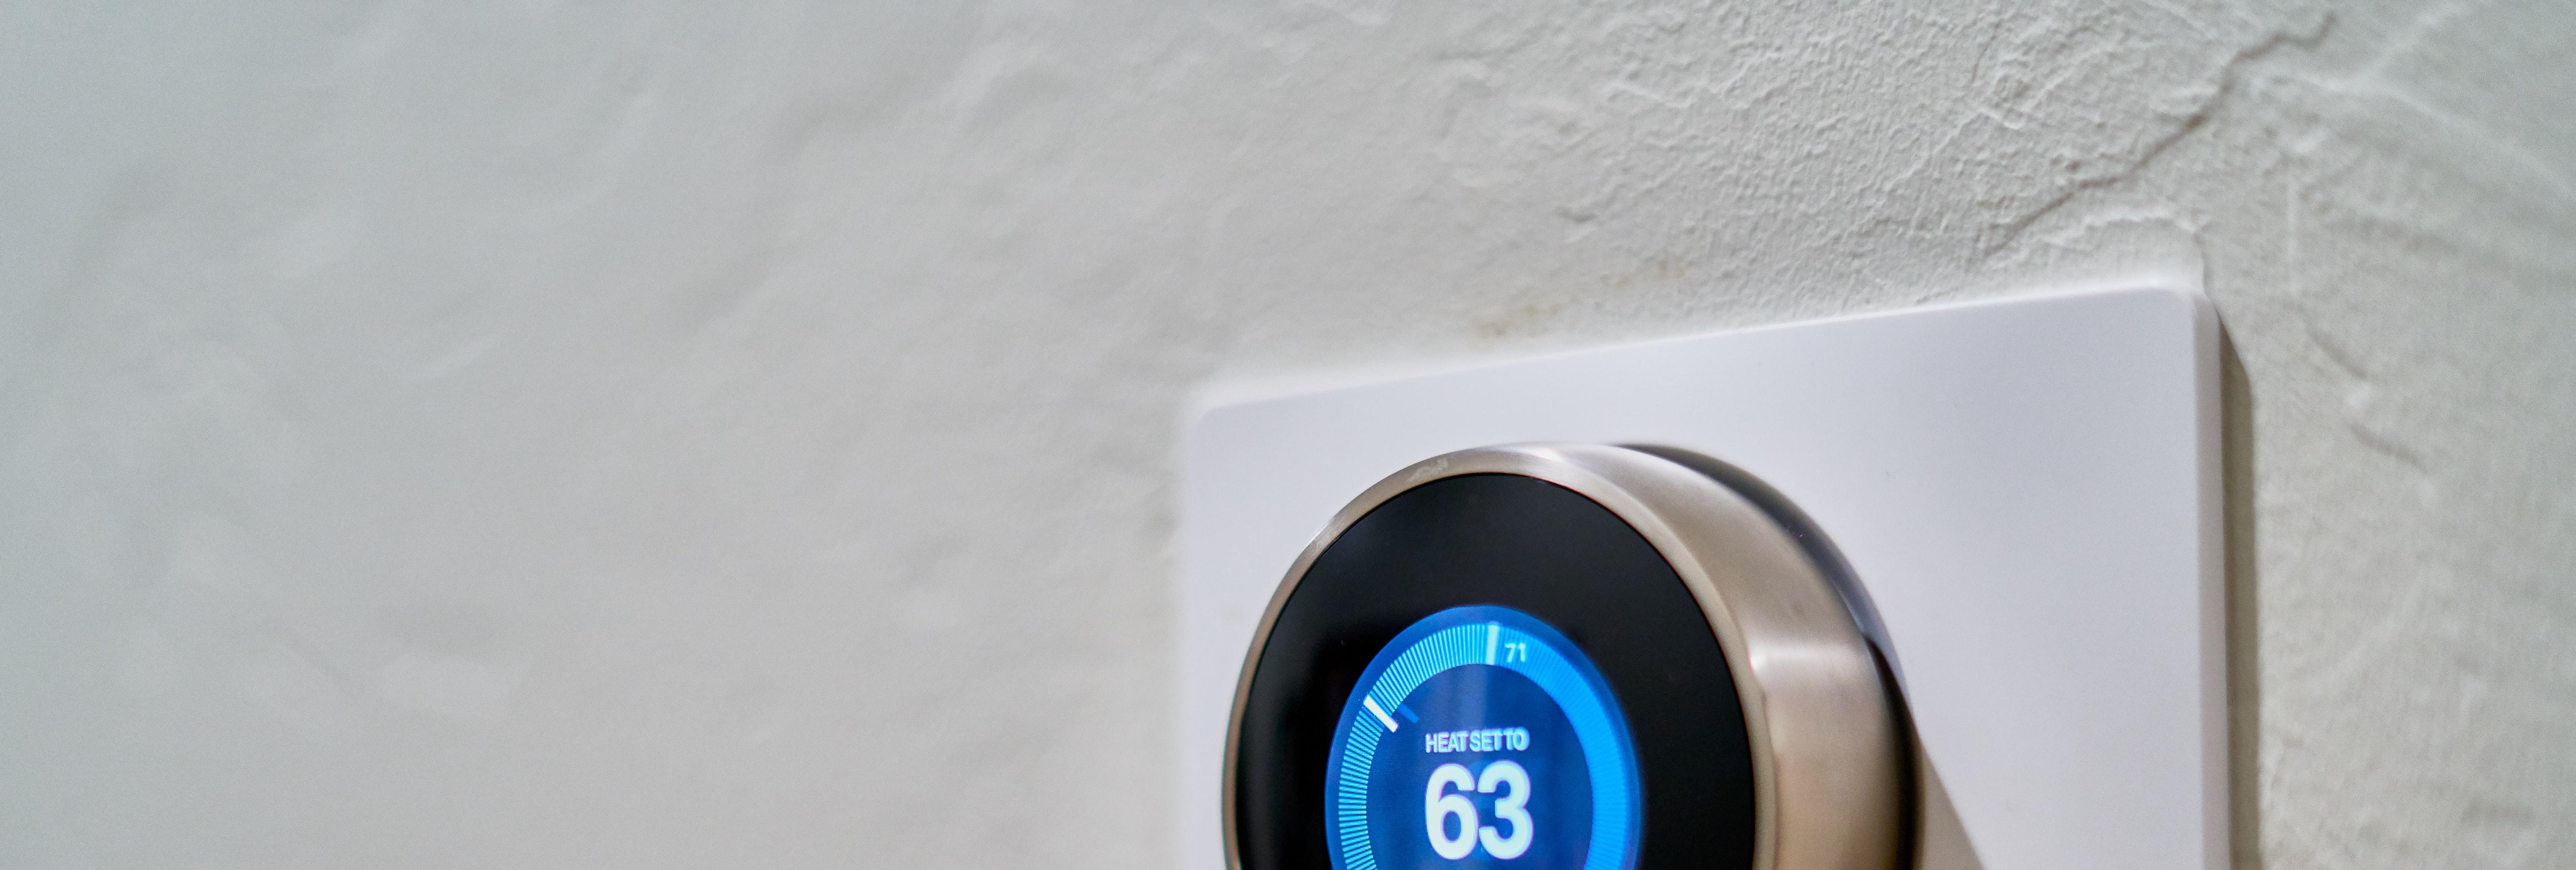 ¿Cuándo es necesario renovar tu caldera de Gas Natural? Estos son los principales factores a tener en cuenta